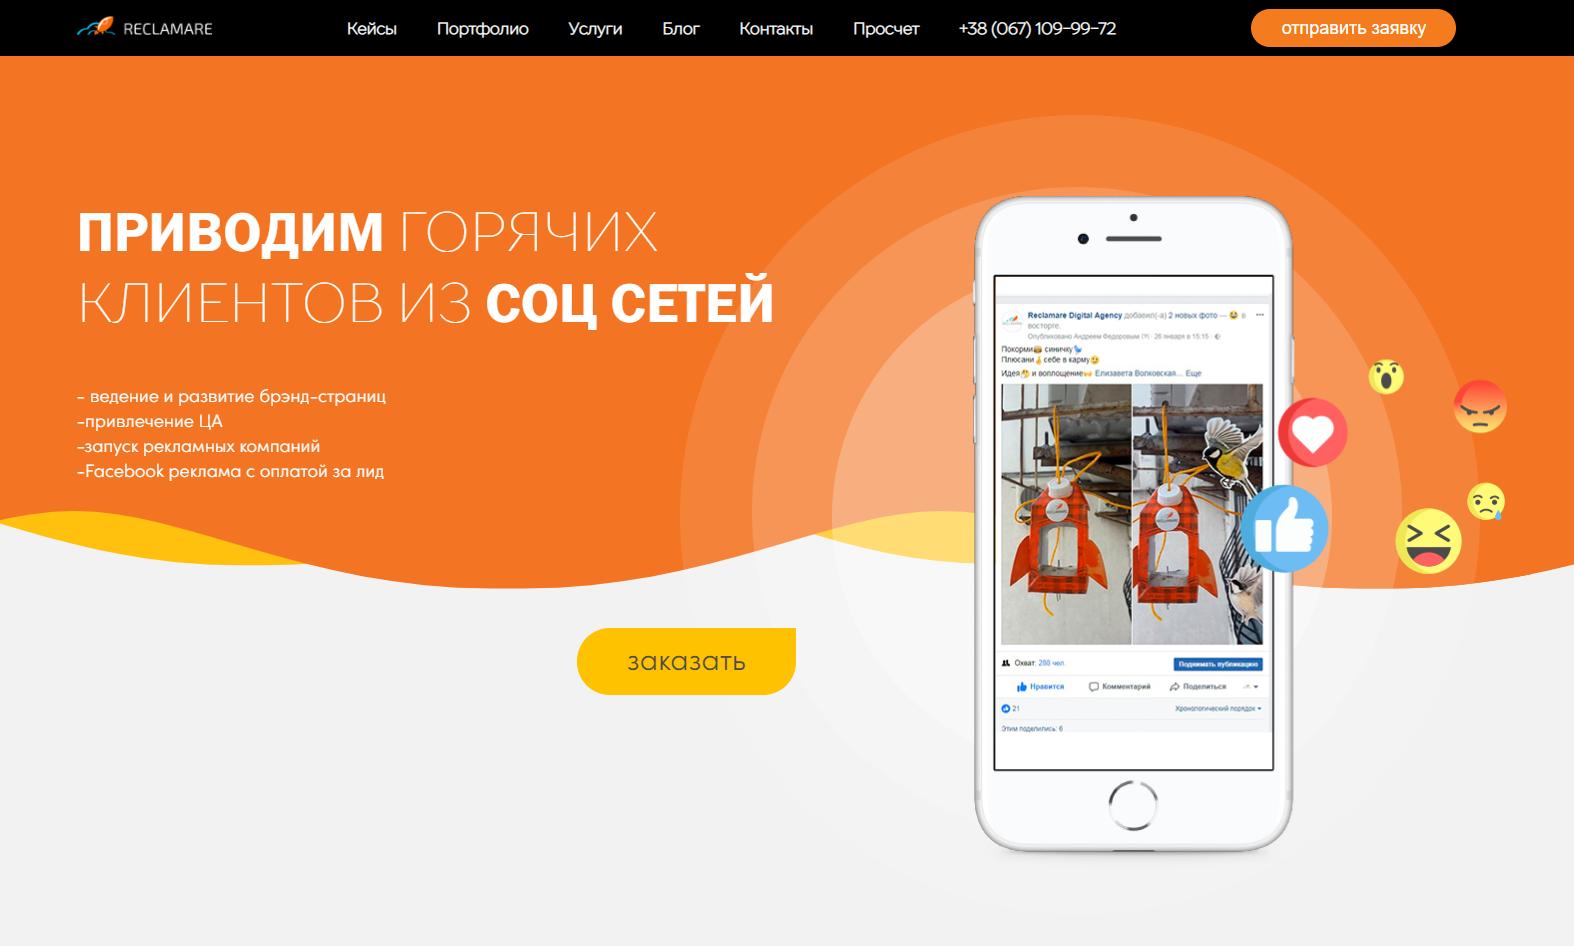 Reclamare - обзор компании, услуги, отзывы, клиенты, Фото № 2 - google-seo.pro